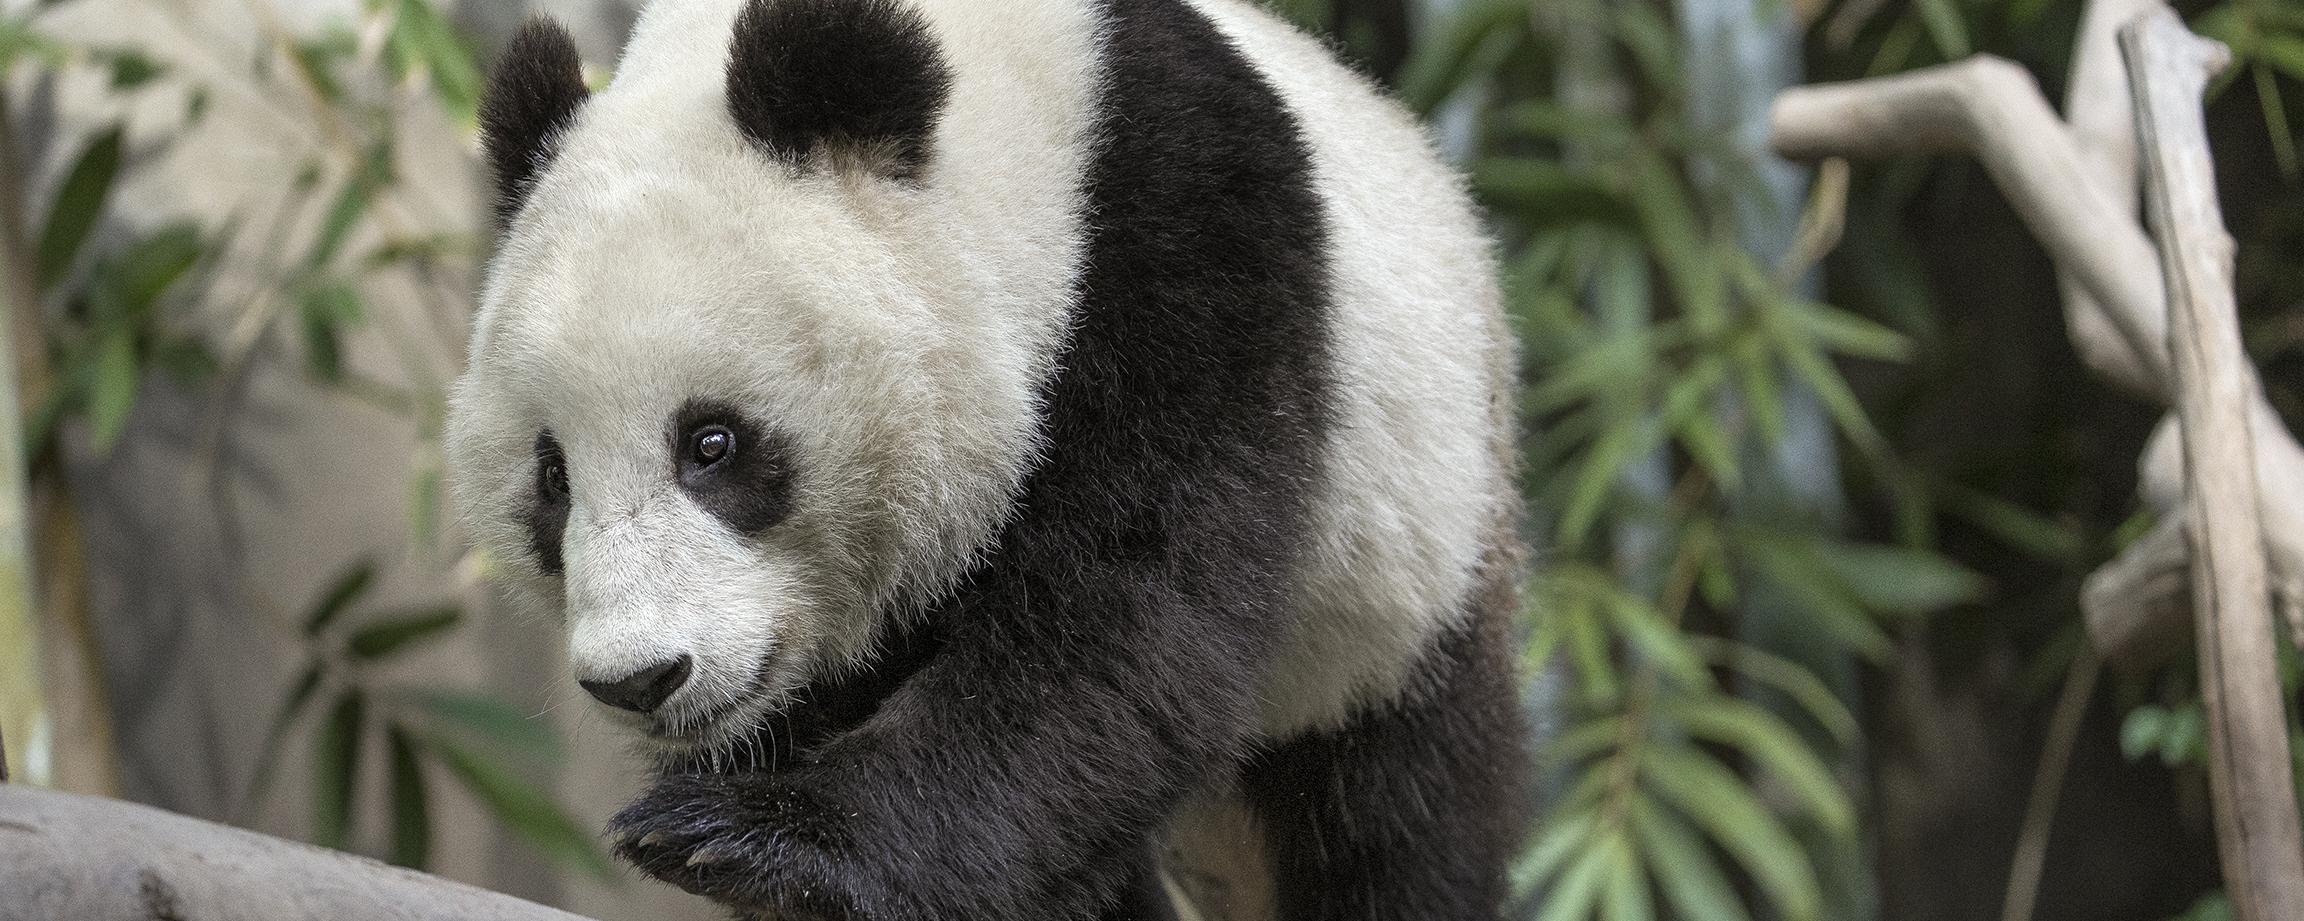 Panda9